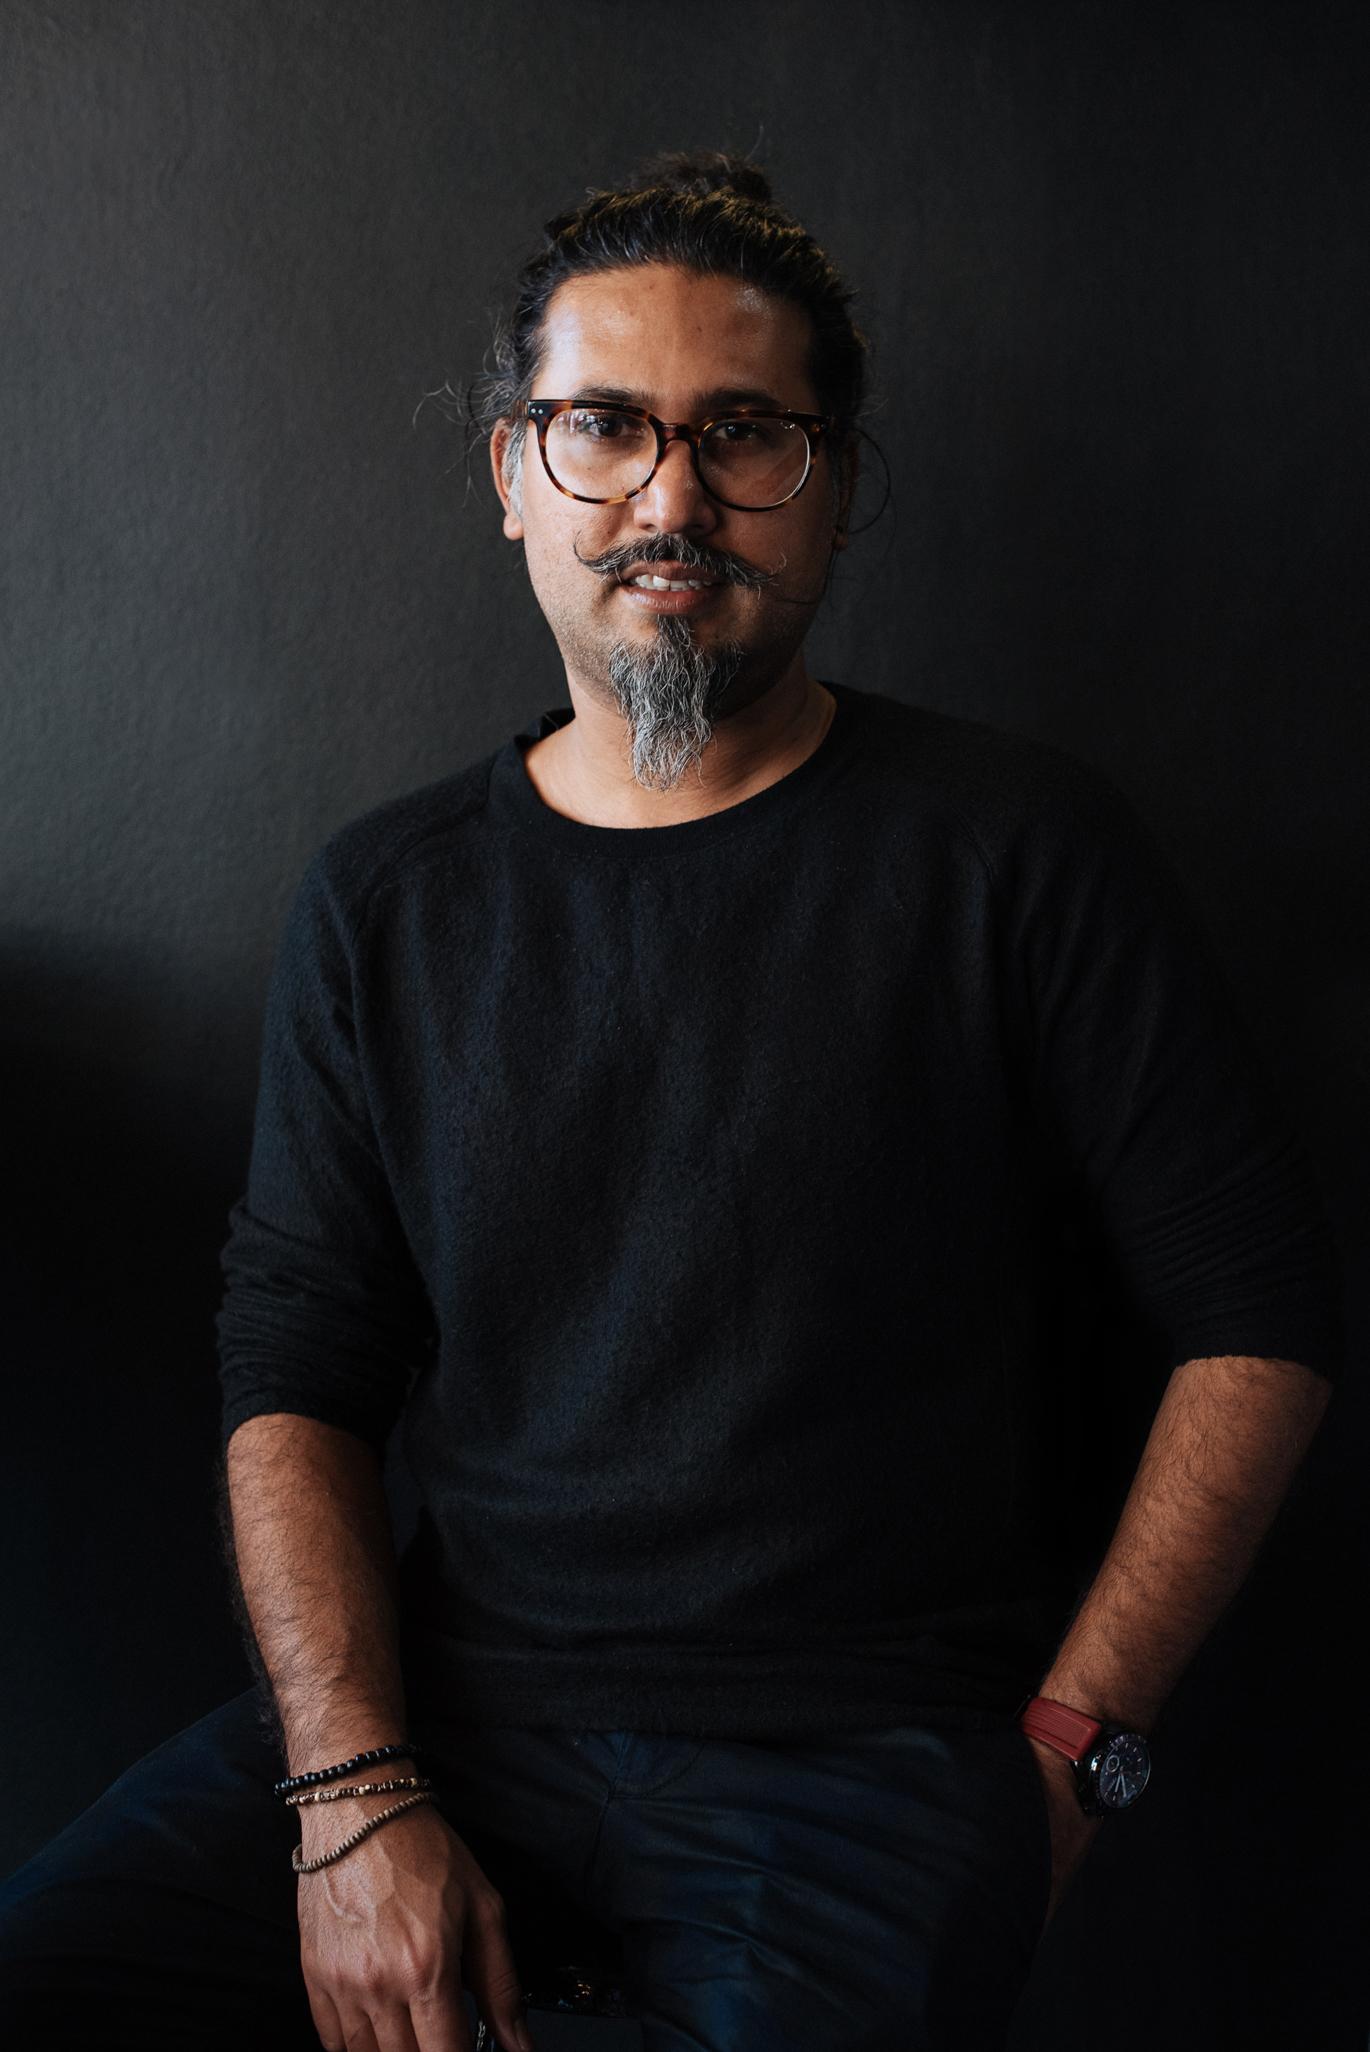 Syed Faraz Ali , captured at   The MITT Mrkt  .